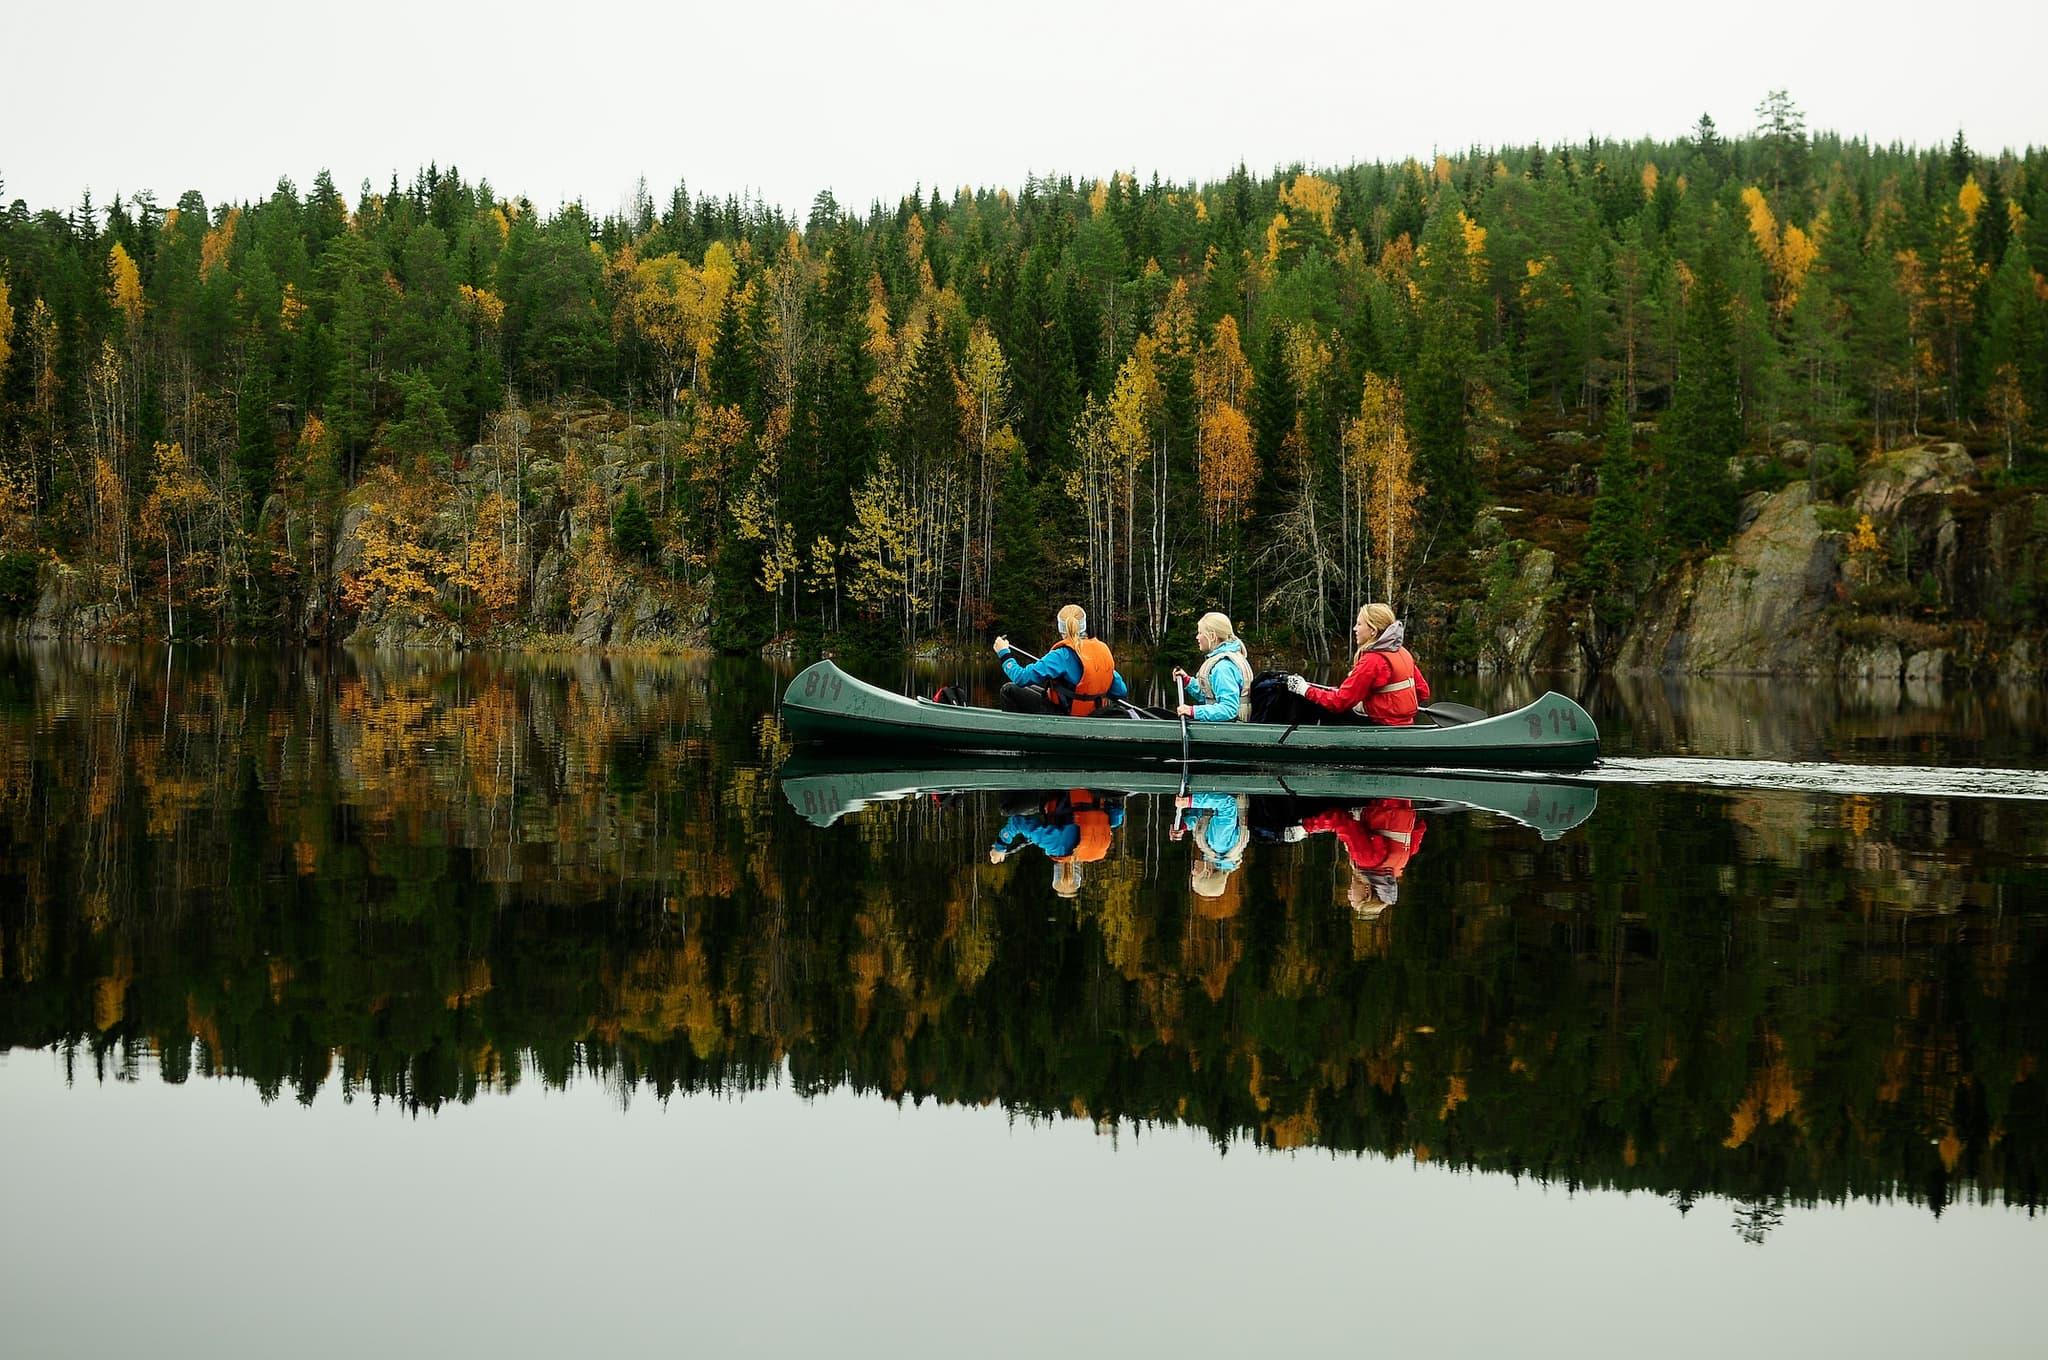 Kom deg ut til fots eller i kano. Foto: Sindre Thoresen Lønnes/DNT